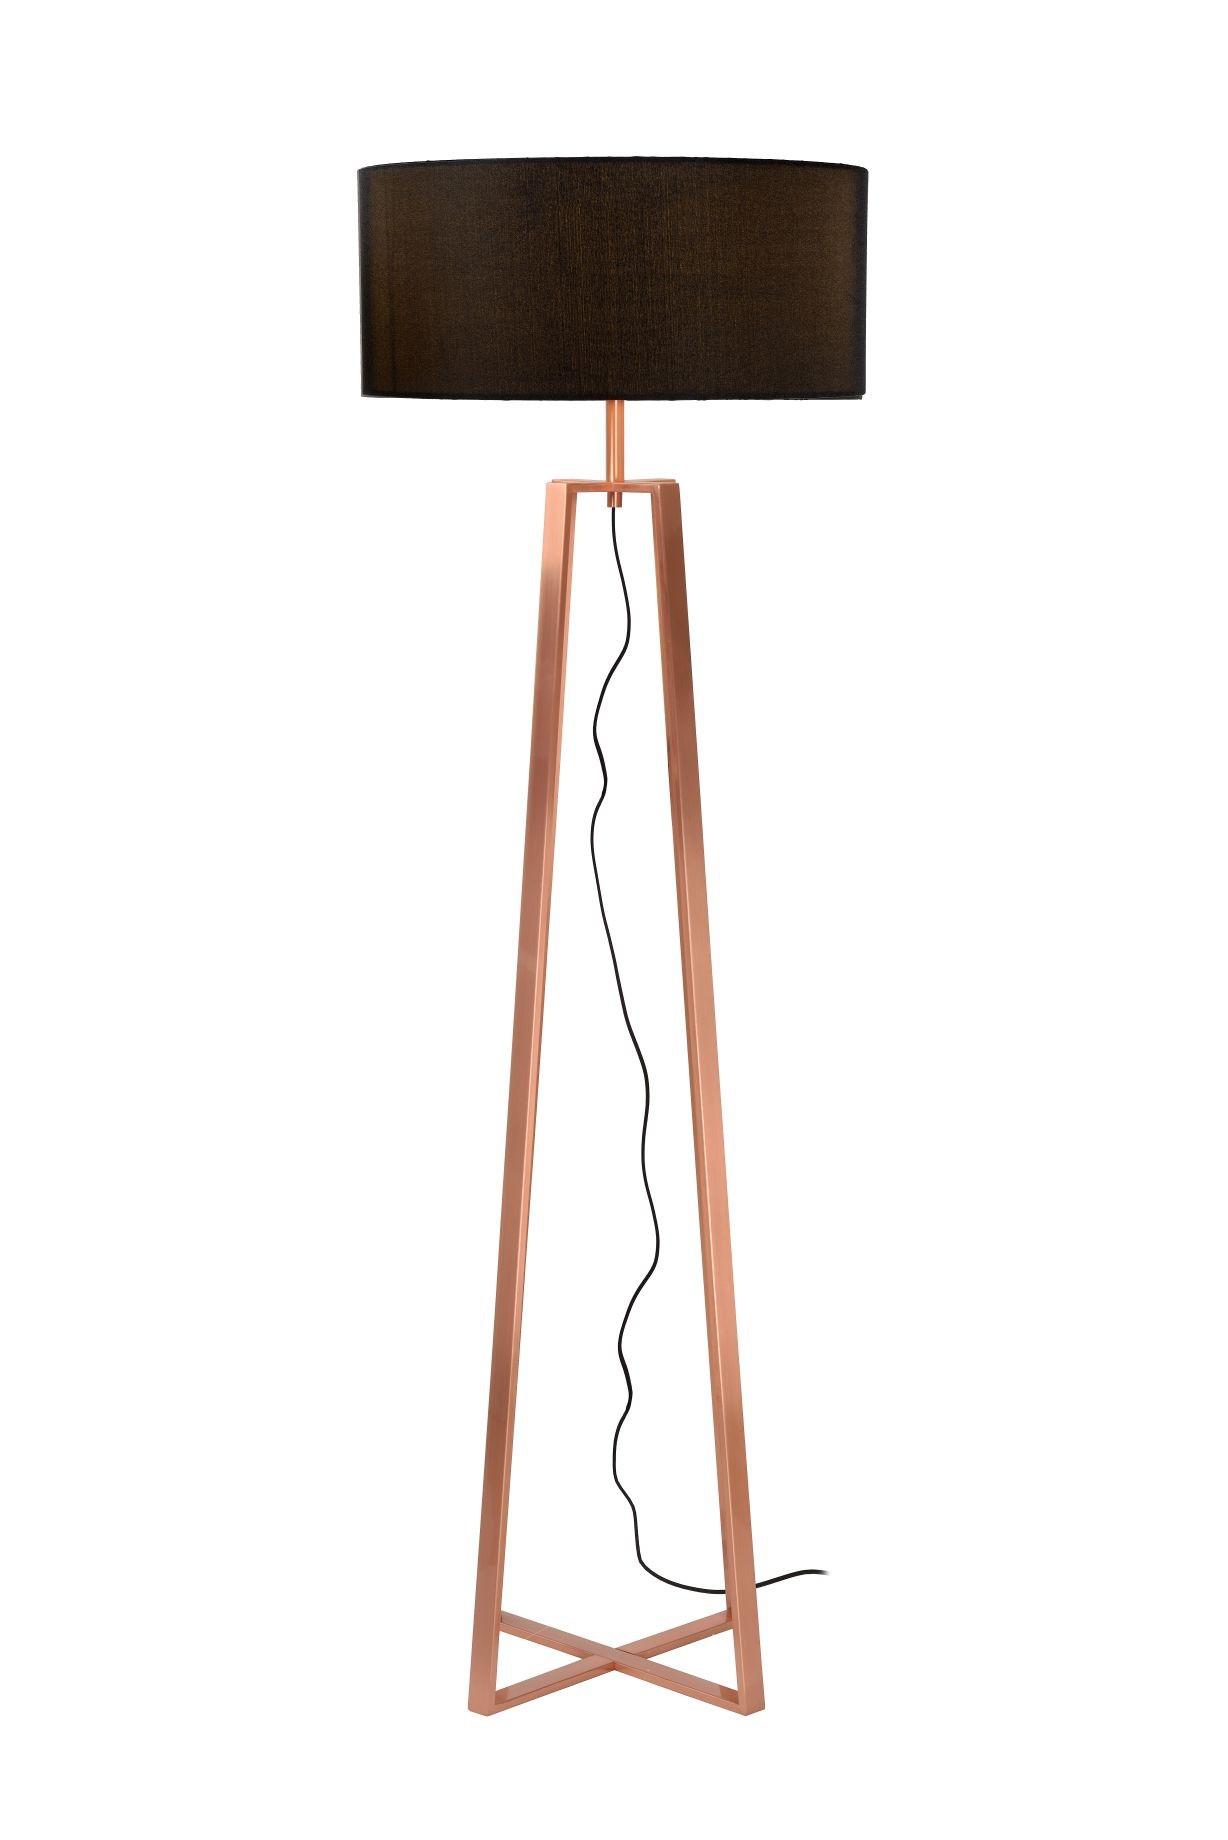 Ansprechend Stehlampe Kupfer Dekoration Von